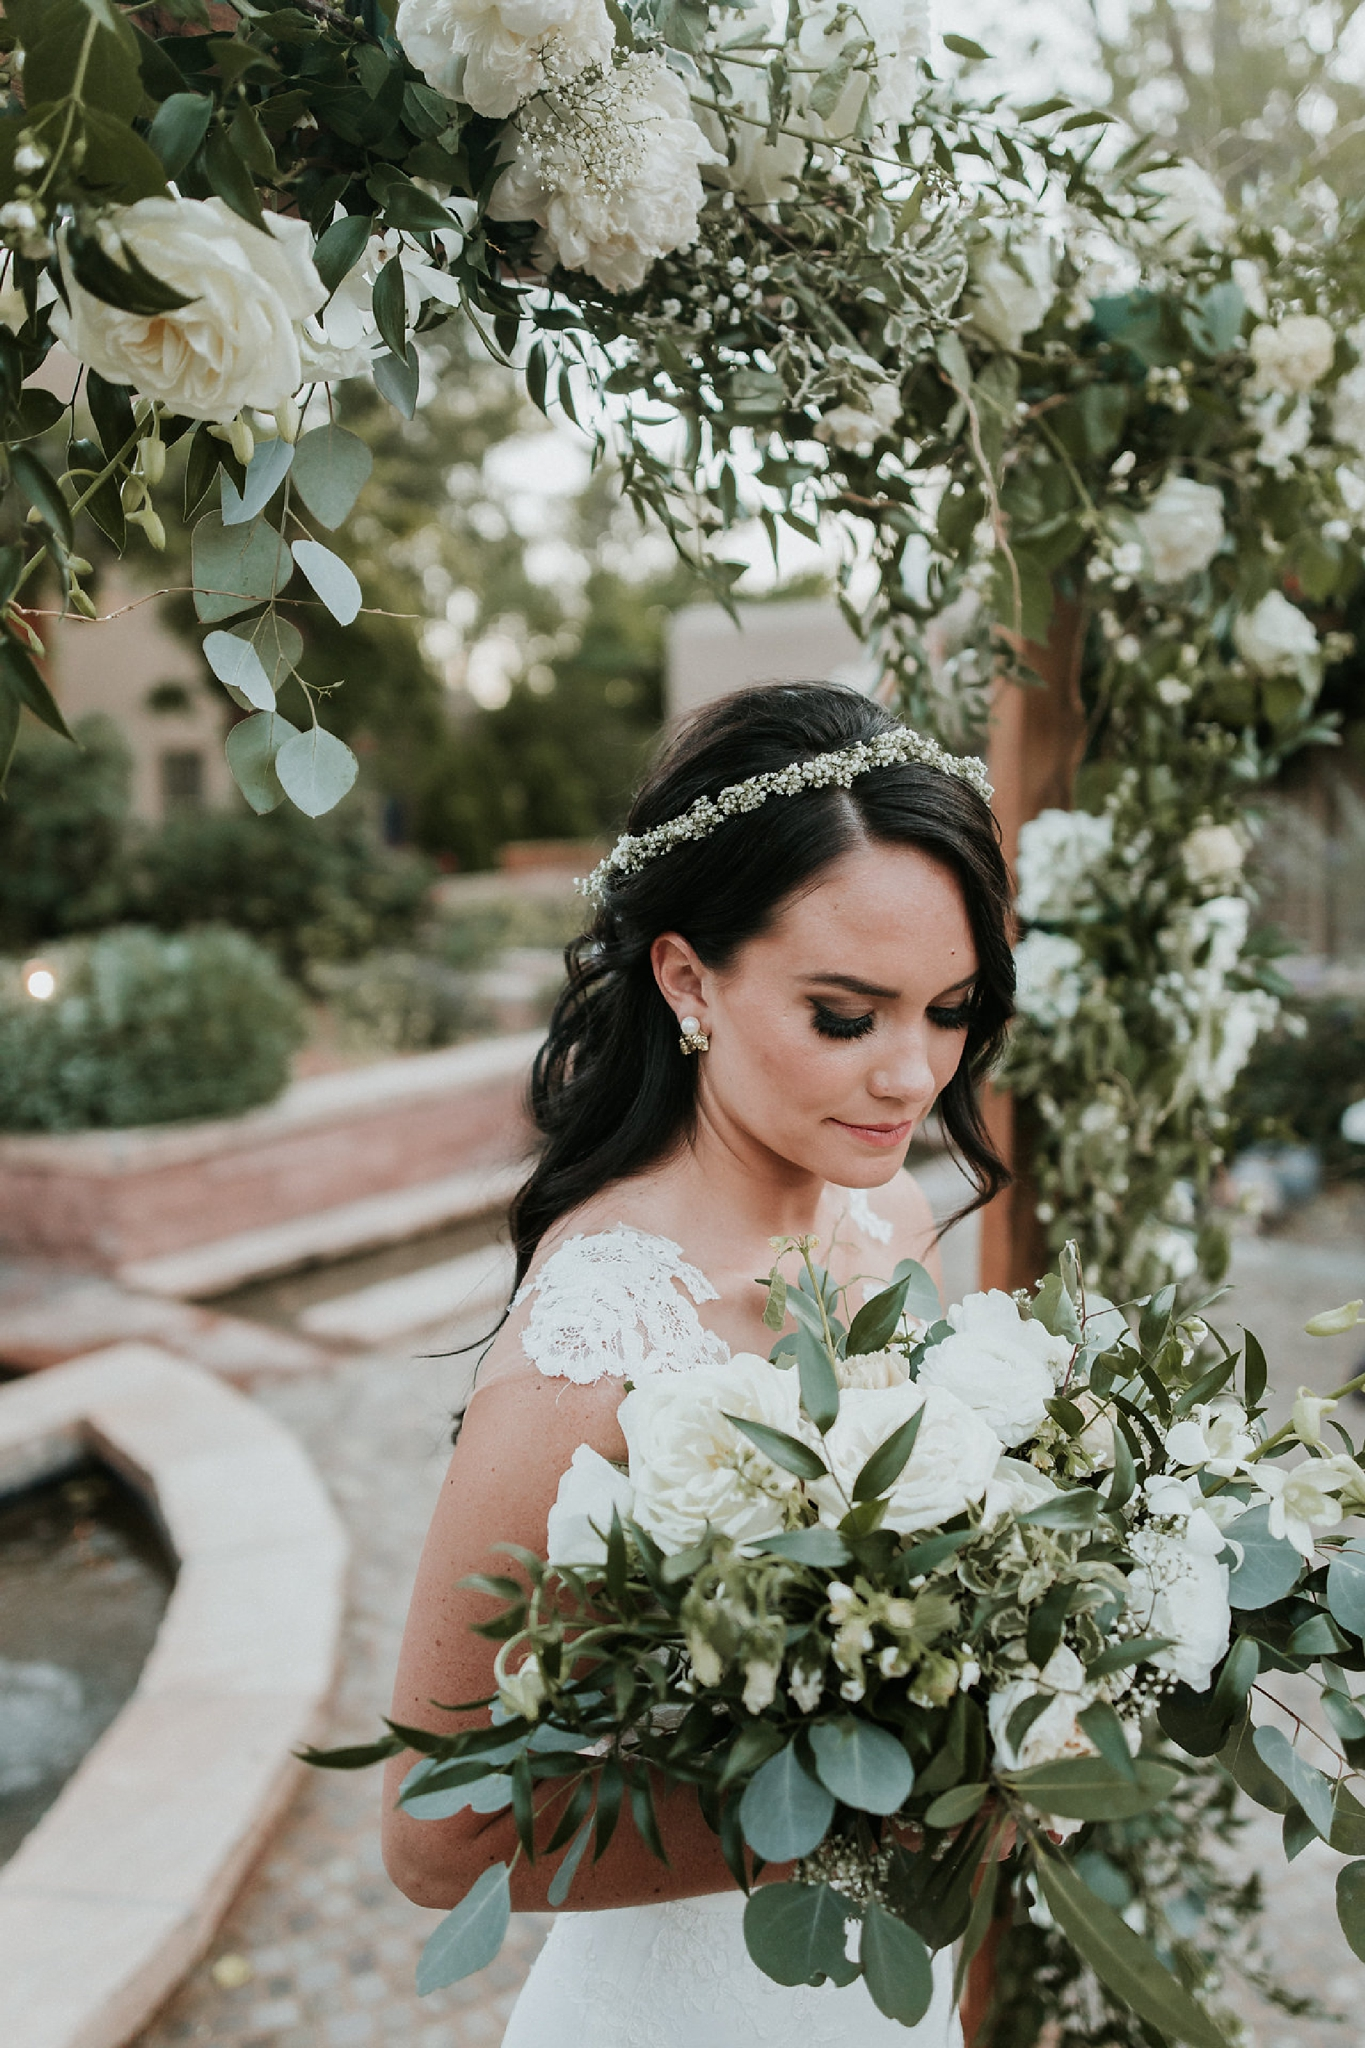 Alicia+lucia+photography+-+albuquerque+wedding+photographer+-+santa+fe+wedding+photography+-+new+mexico+wedding+photographer+-+new+mexico+wedding+-+wedding+photographer+-+wedding+photographer+team_0208.jpg